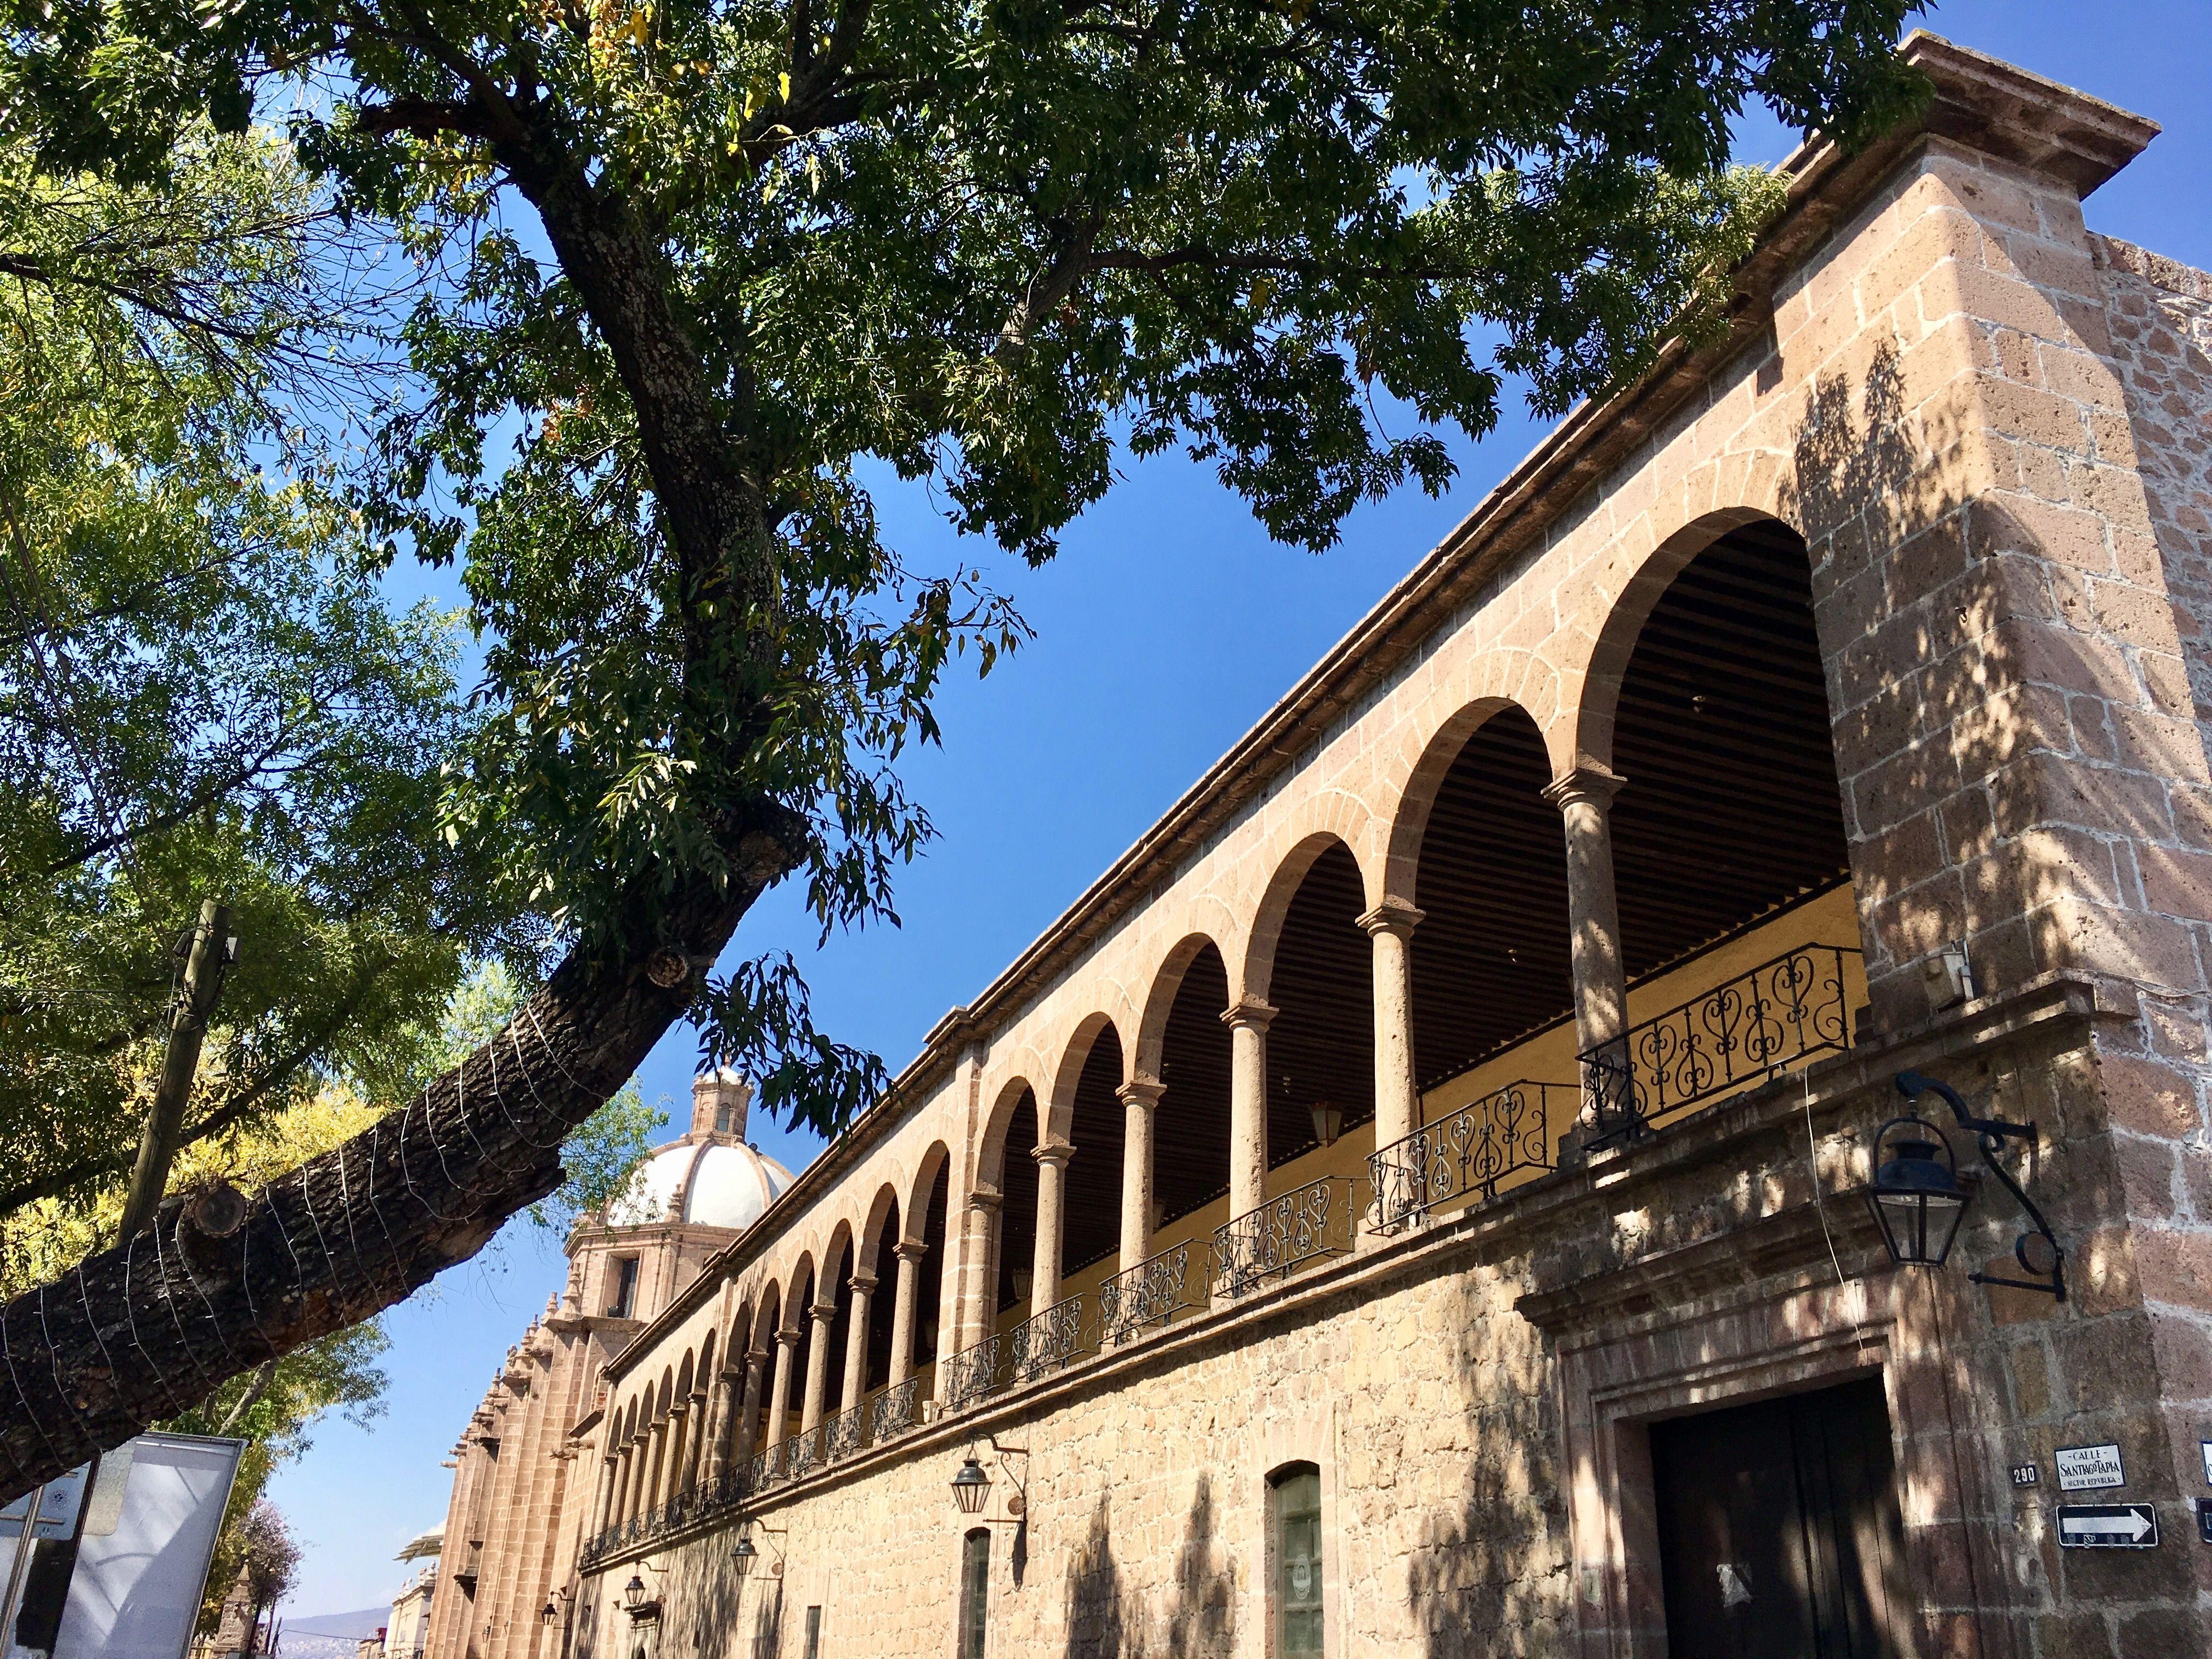 La historia del Conservatorio de Las Rosas comenzó en 1743.